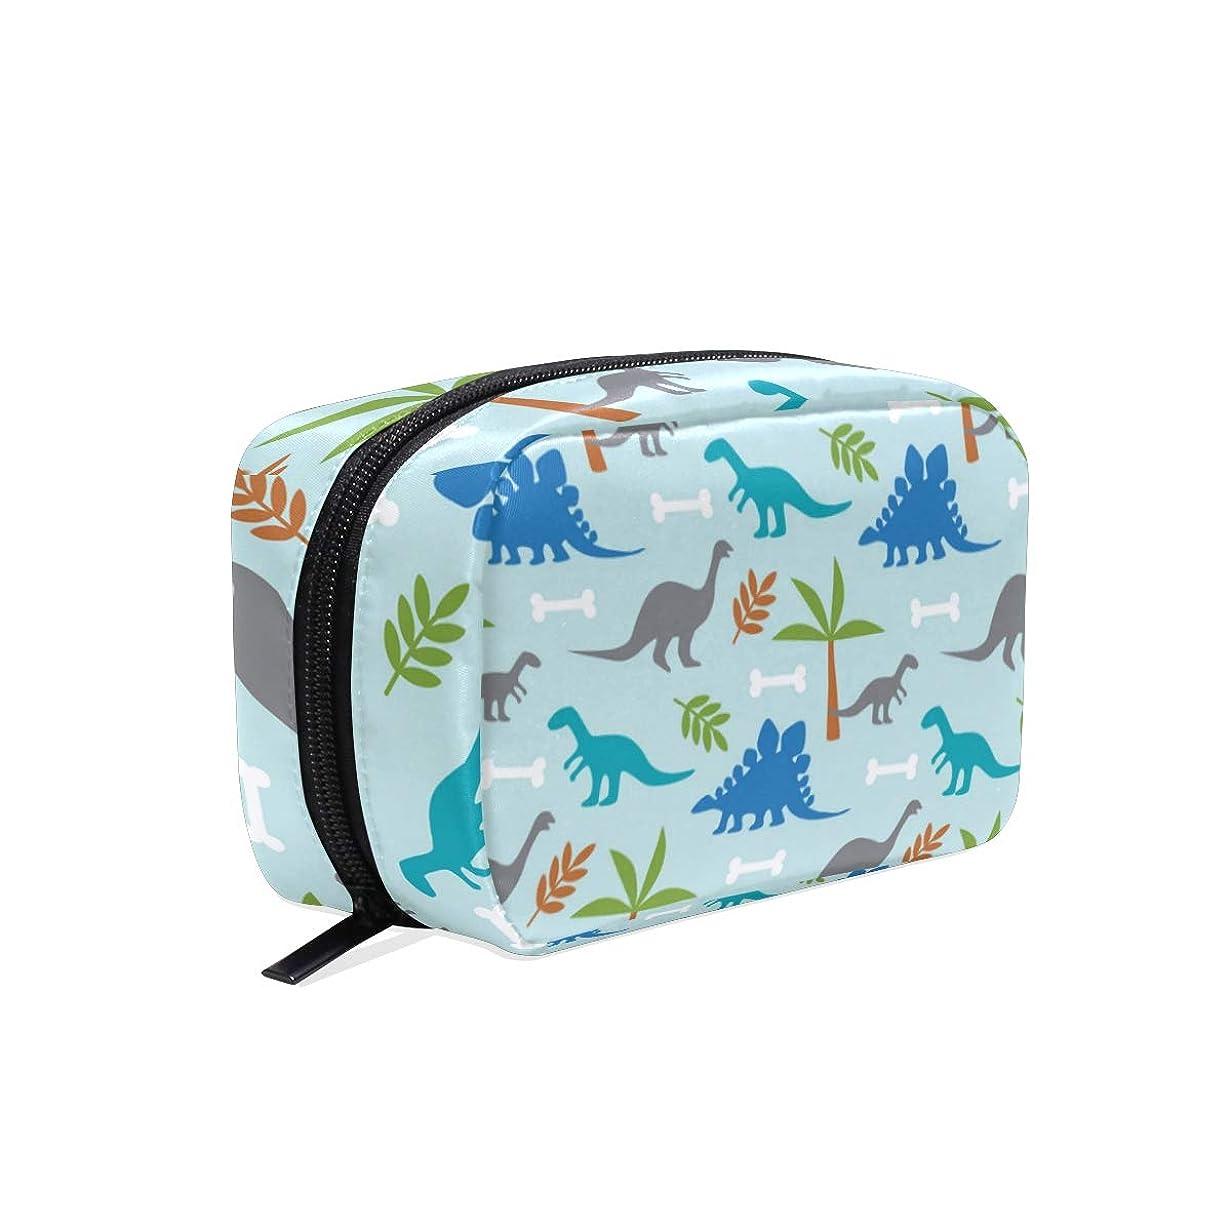 吐き出す取り囲む肥料可愛い恐竜 化粧ポーチ メイクポーチ 機能的 大容量 化粧品収納 小物入れ 普段使い 出張 旅行 メイク ブラシ バッグ 化粧バッグ